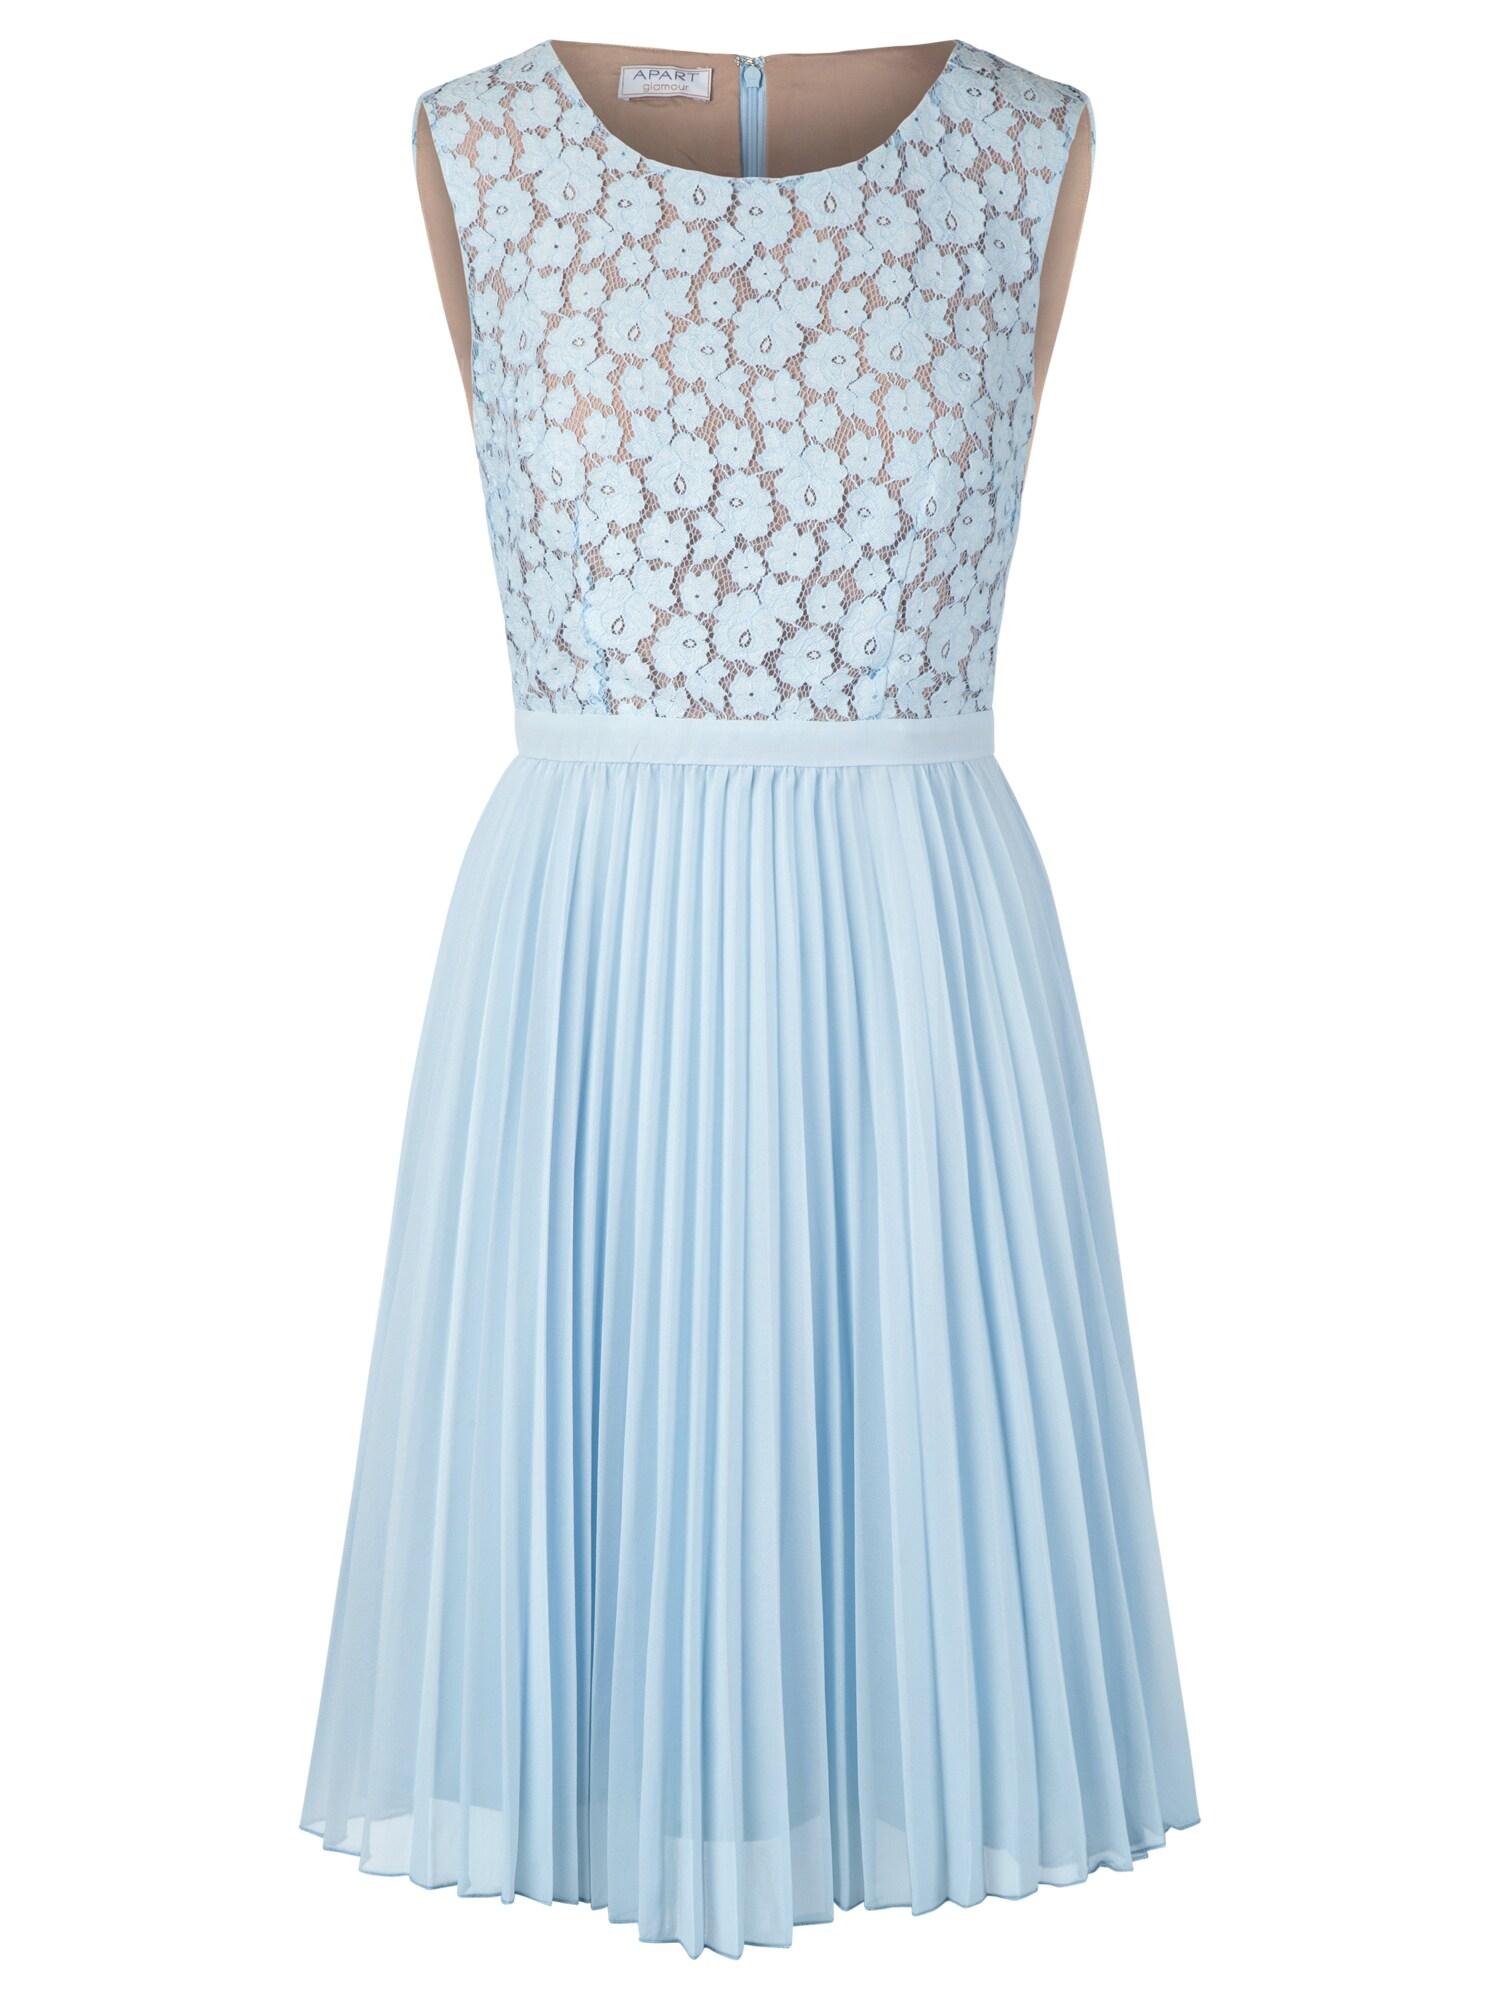 APART Kokteilinė suknelė pastelinė mėlyna